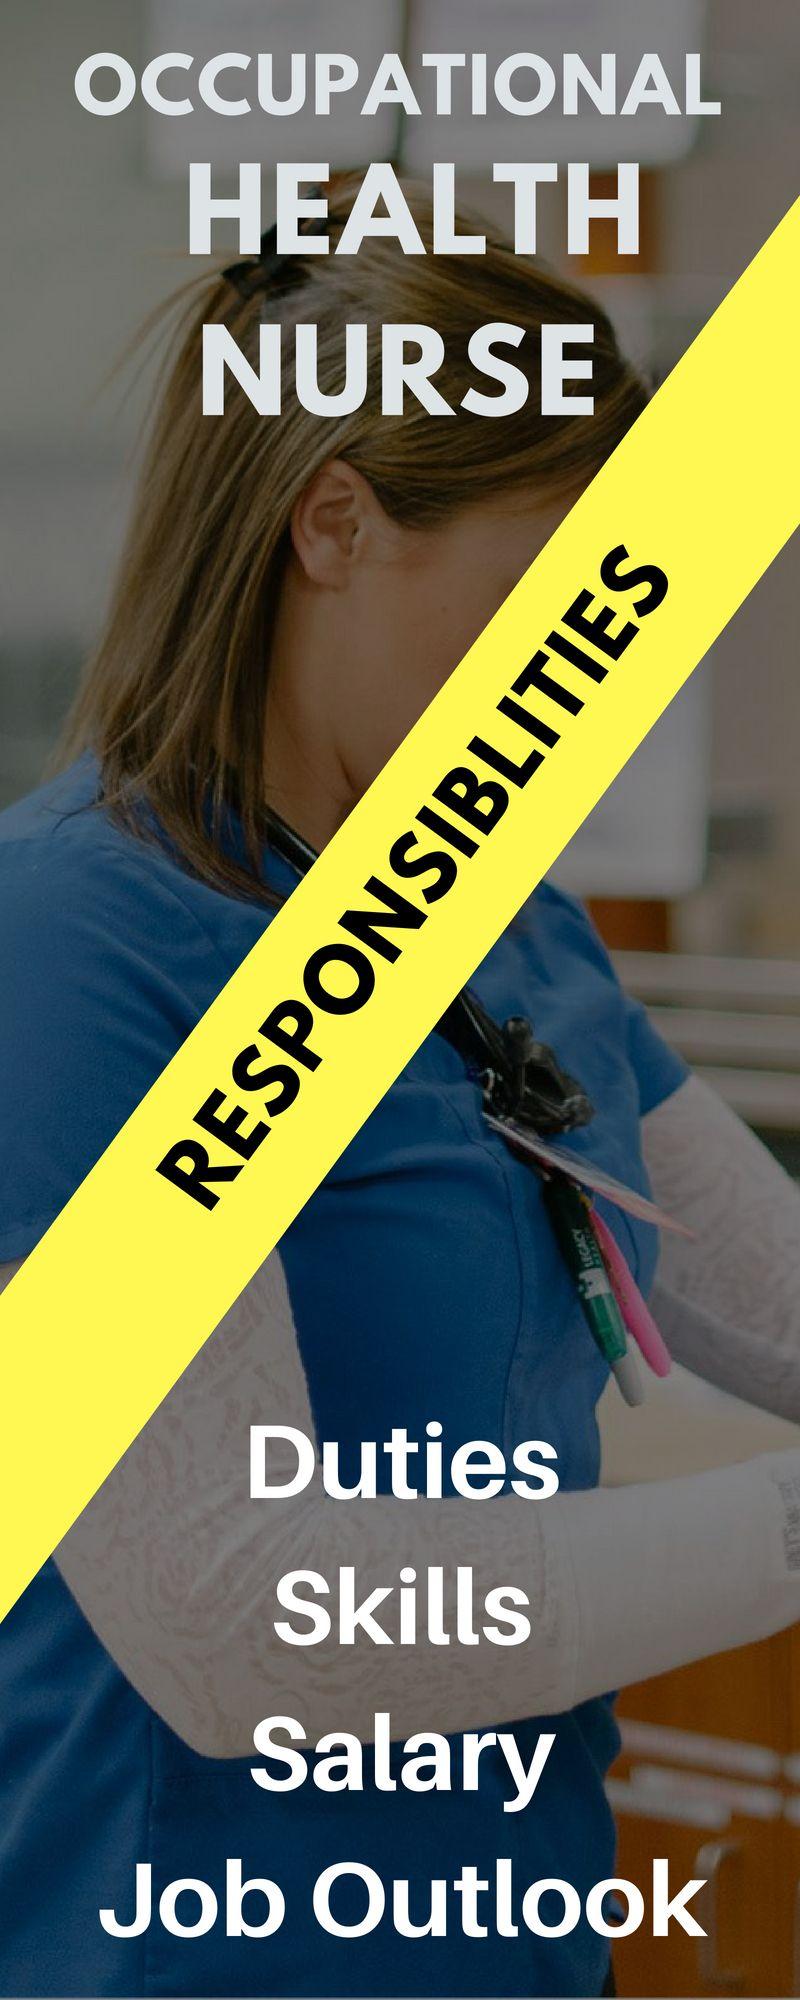 Occupational health nurse salary job description and